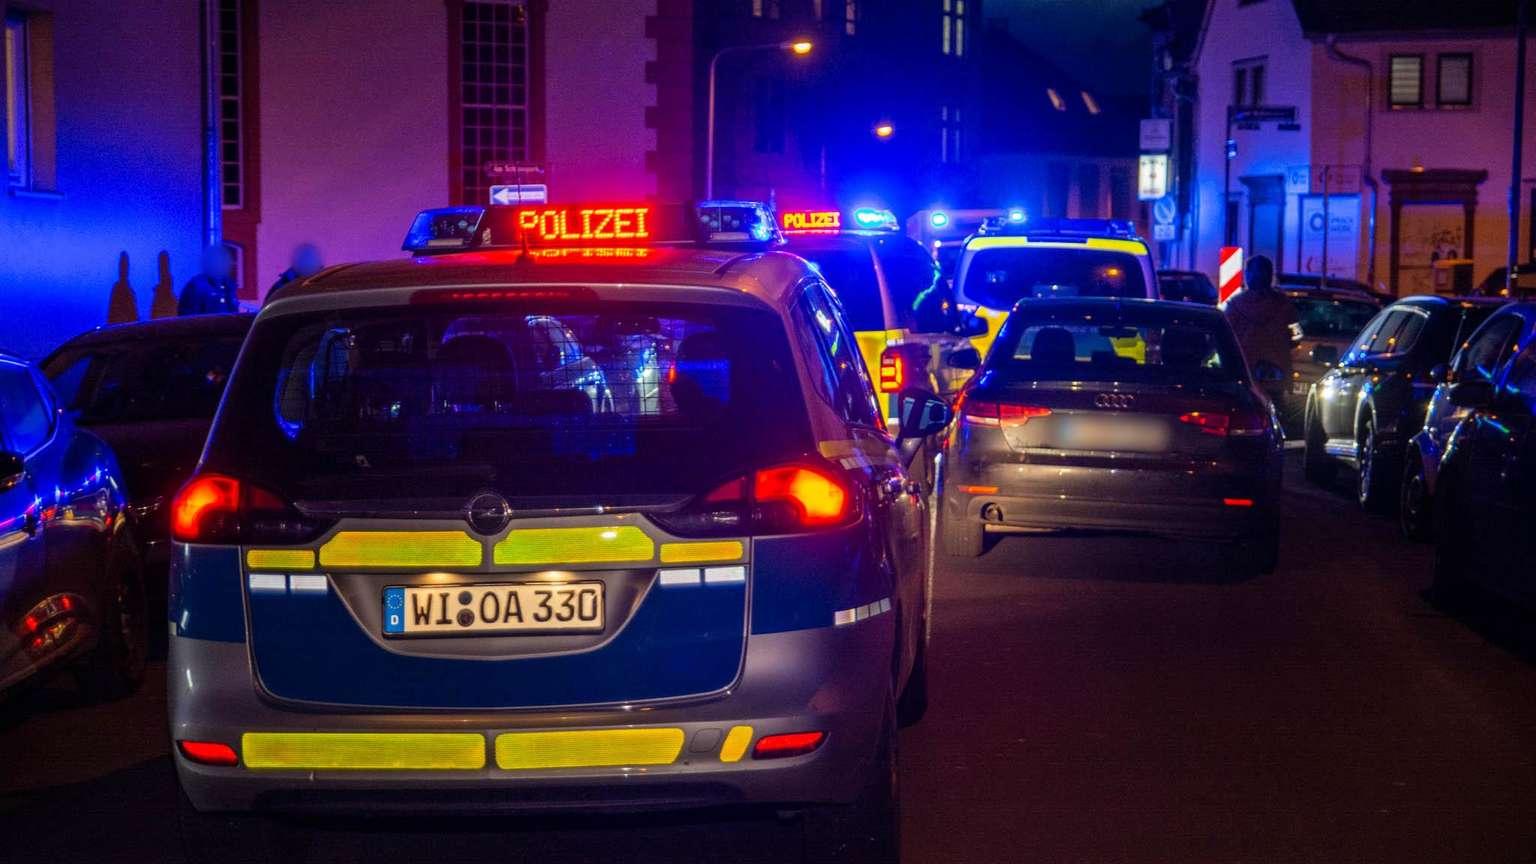 Polizei Presse Wiesbaden